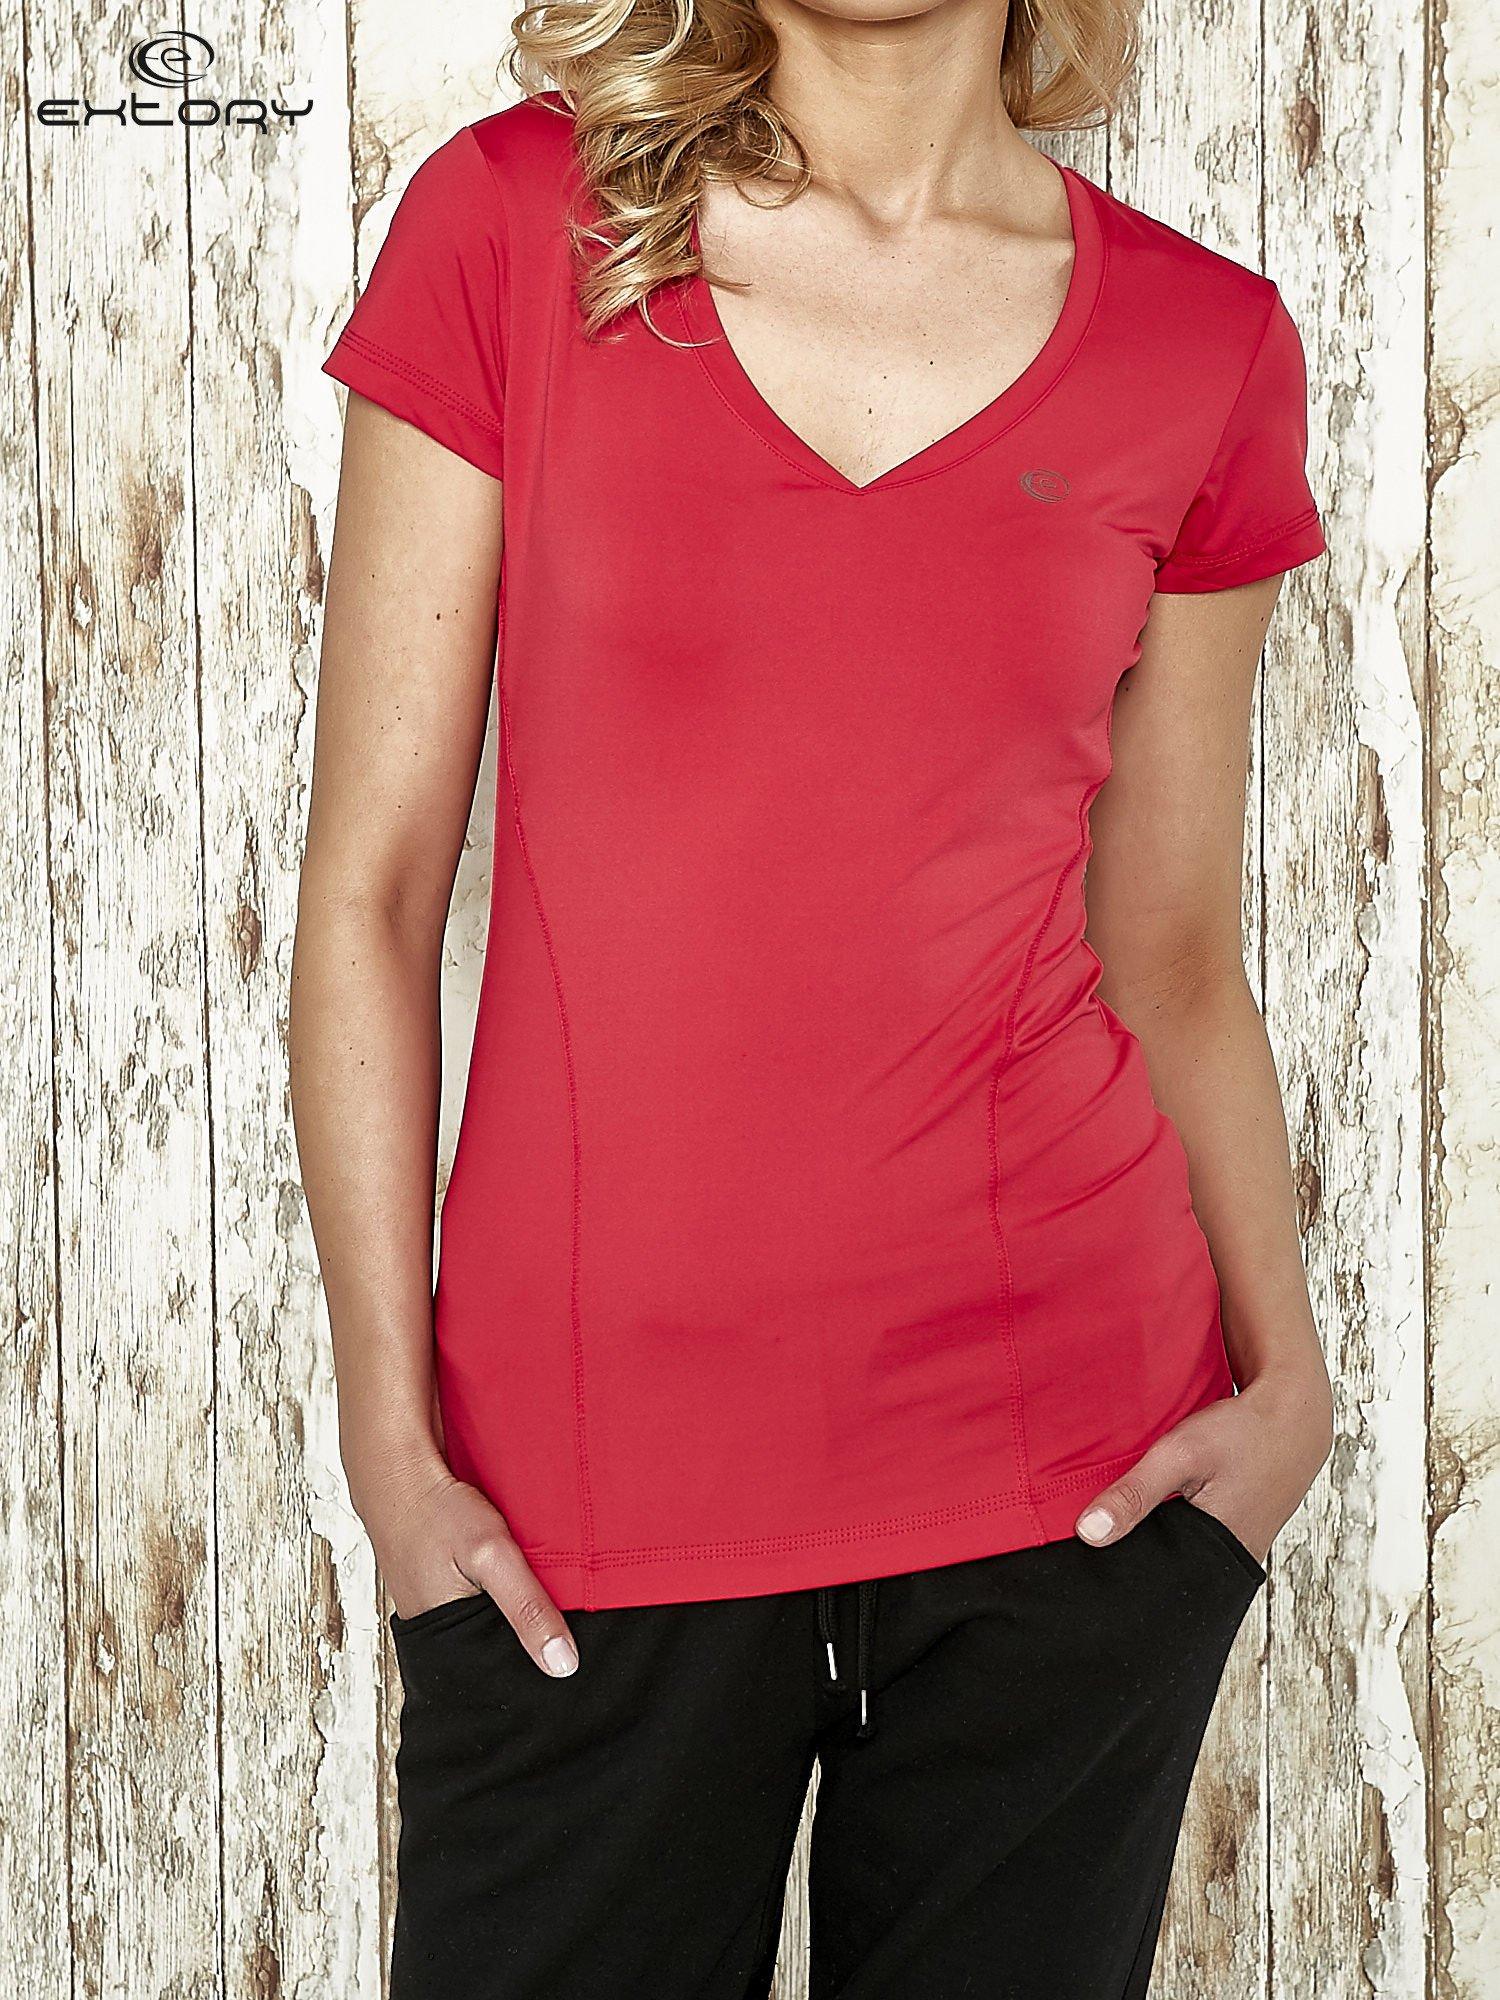 Różowy modelujący t-shirt sportowy z przeszyciami                                  zdj.                                  1